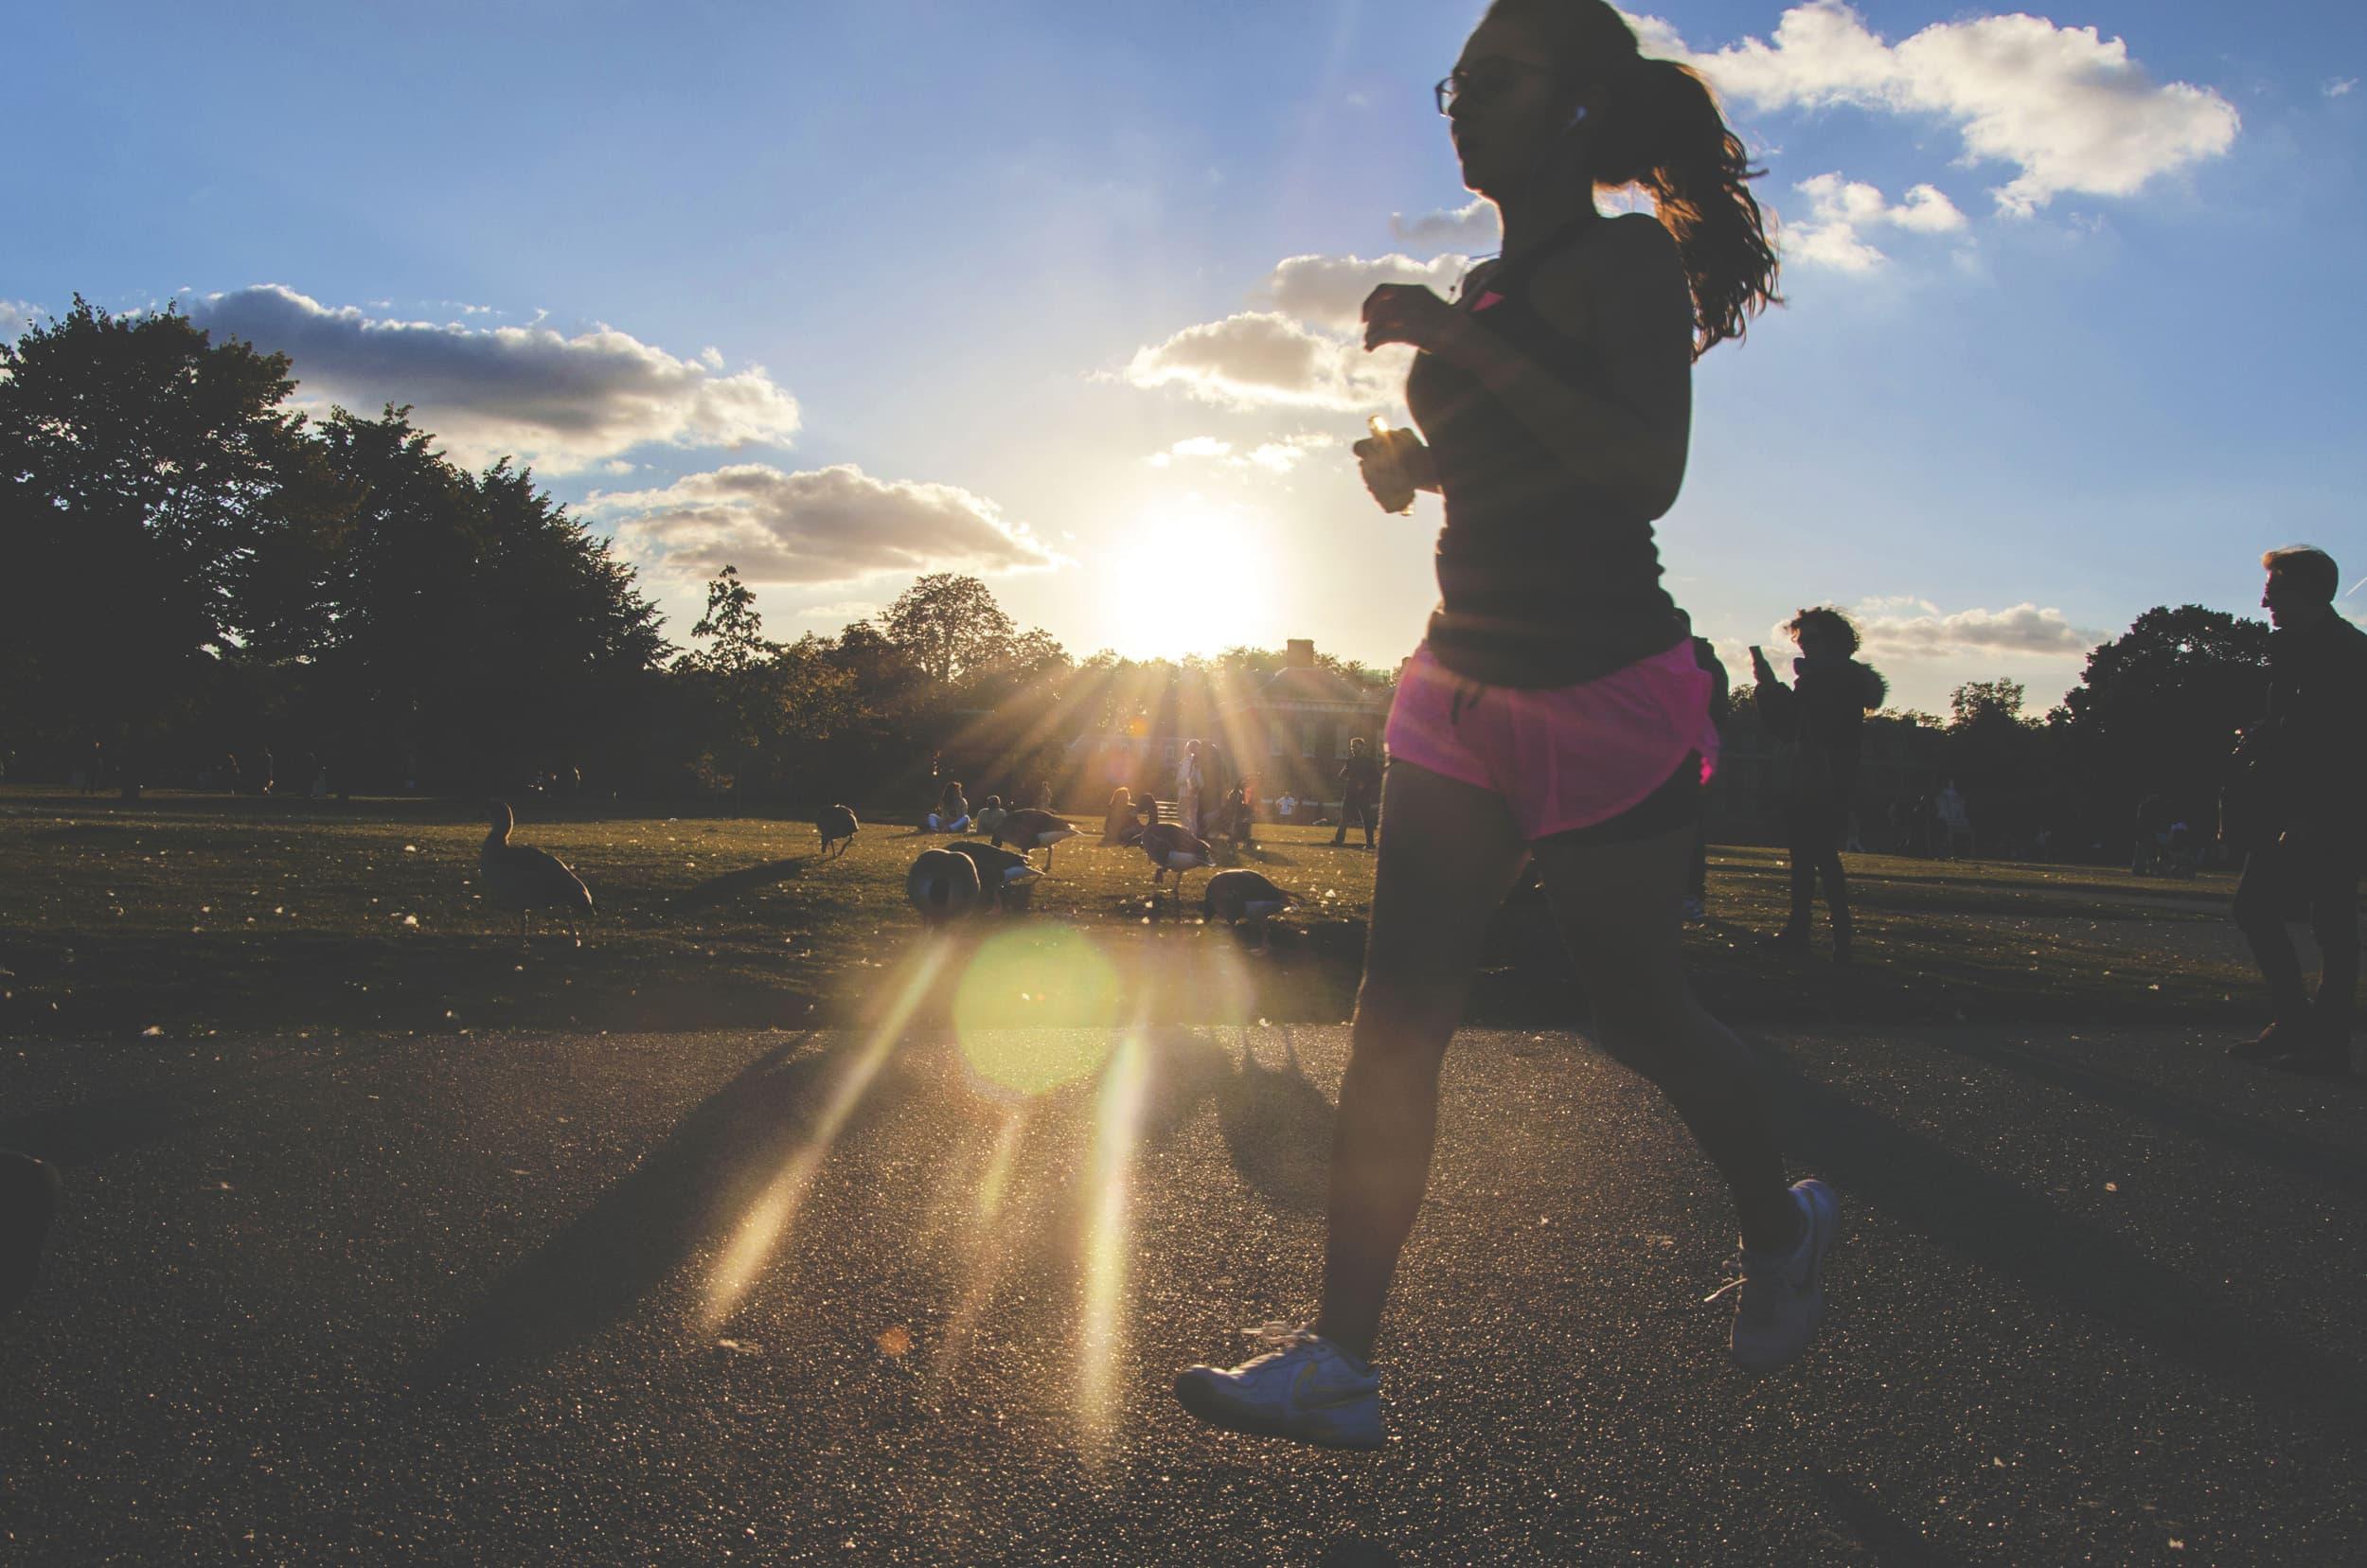 Рекомендации для тех, кто хочет начать бегать